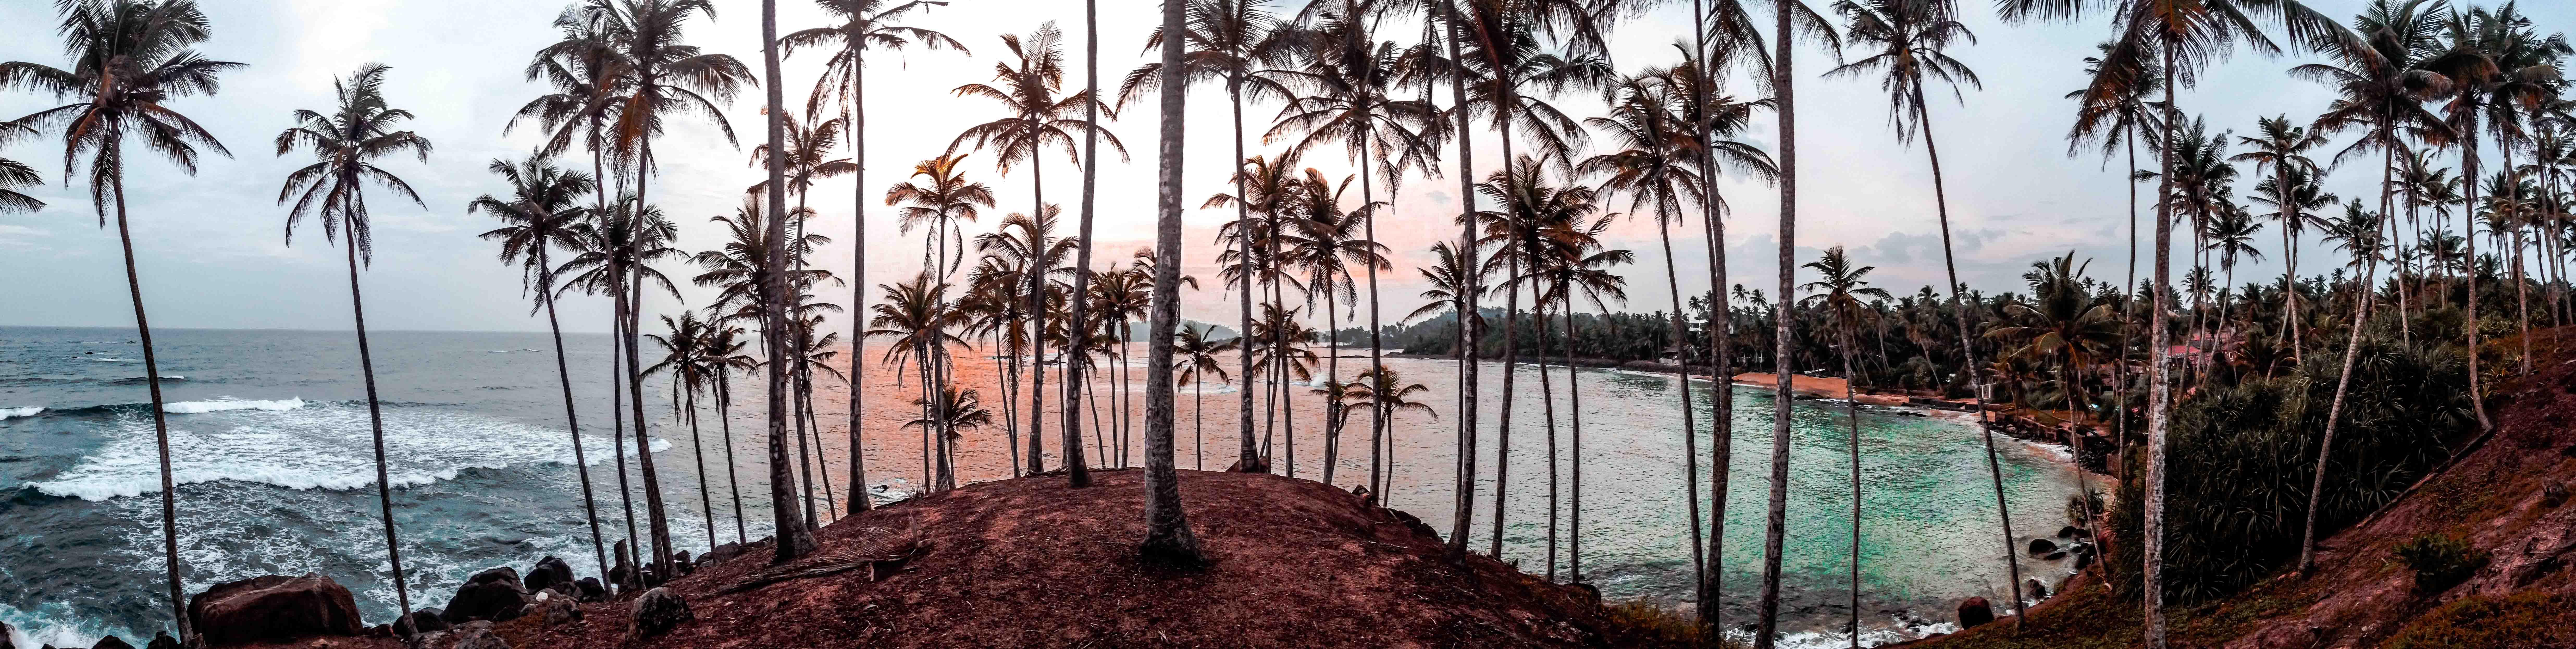 Sri Lanka View